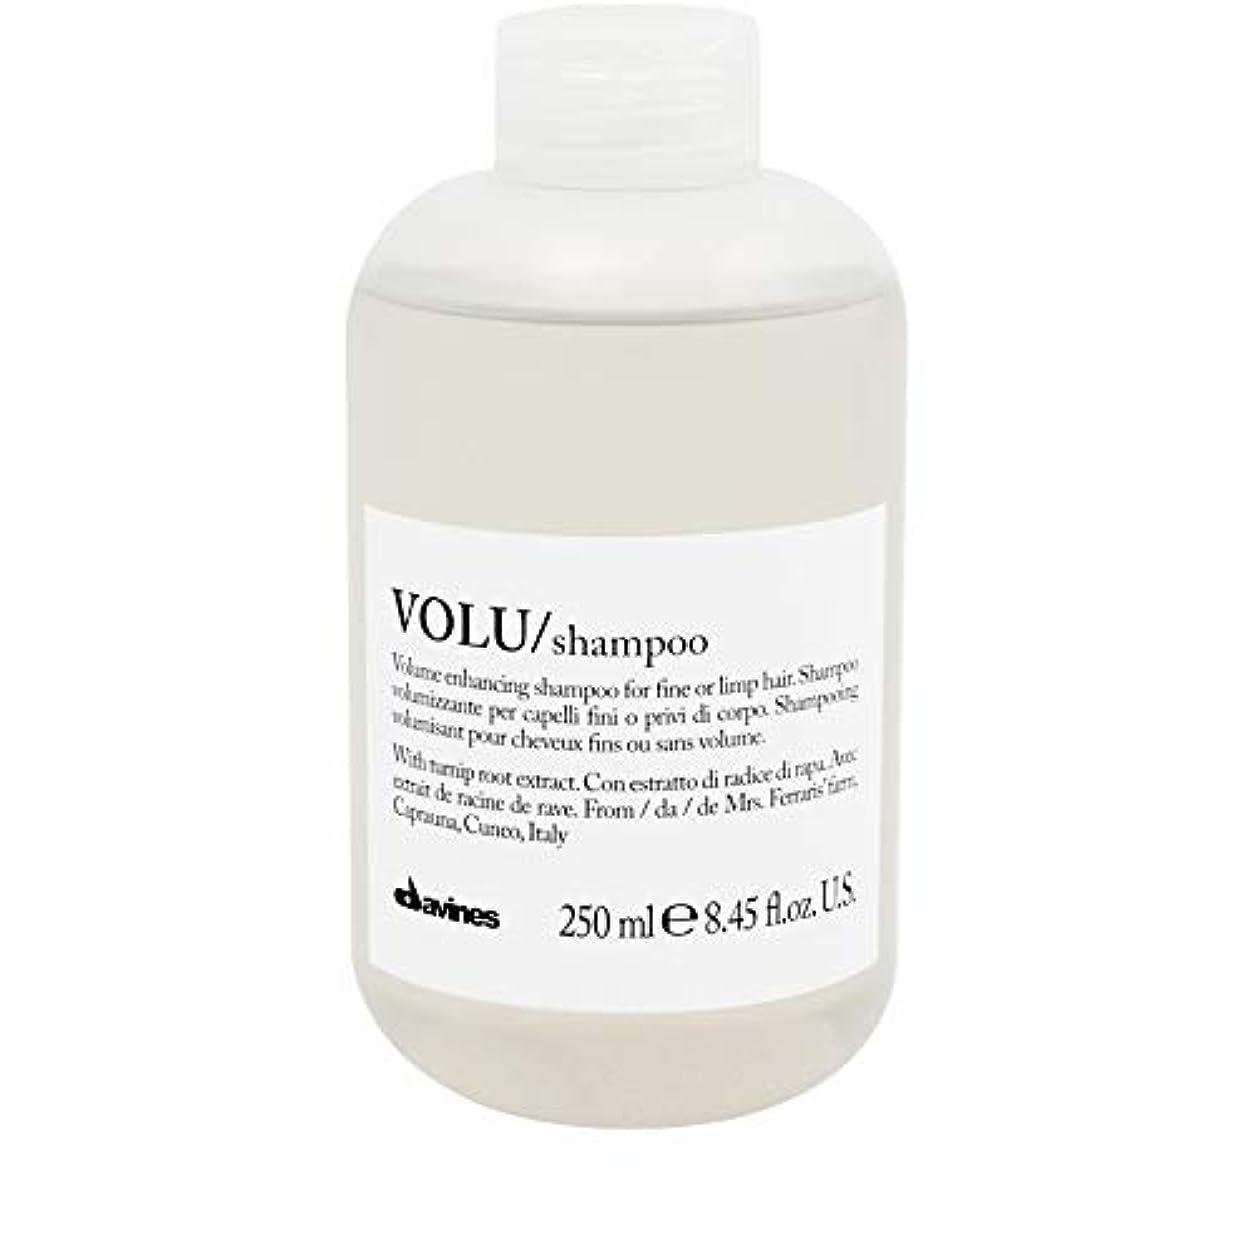 打ち上げる昼間飢[Davines ] ダヴィネスVoluシャンプー250ミリリットル - Davines Volu Shampoo 250ml [並行輸入品]